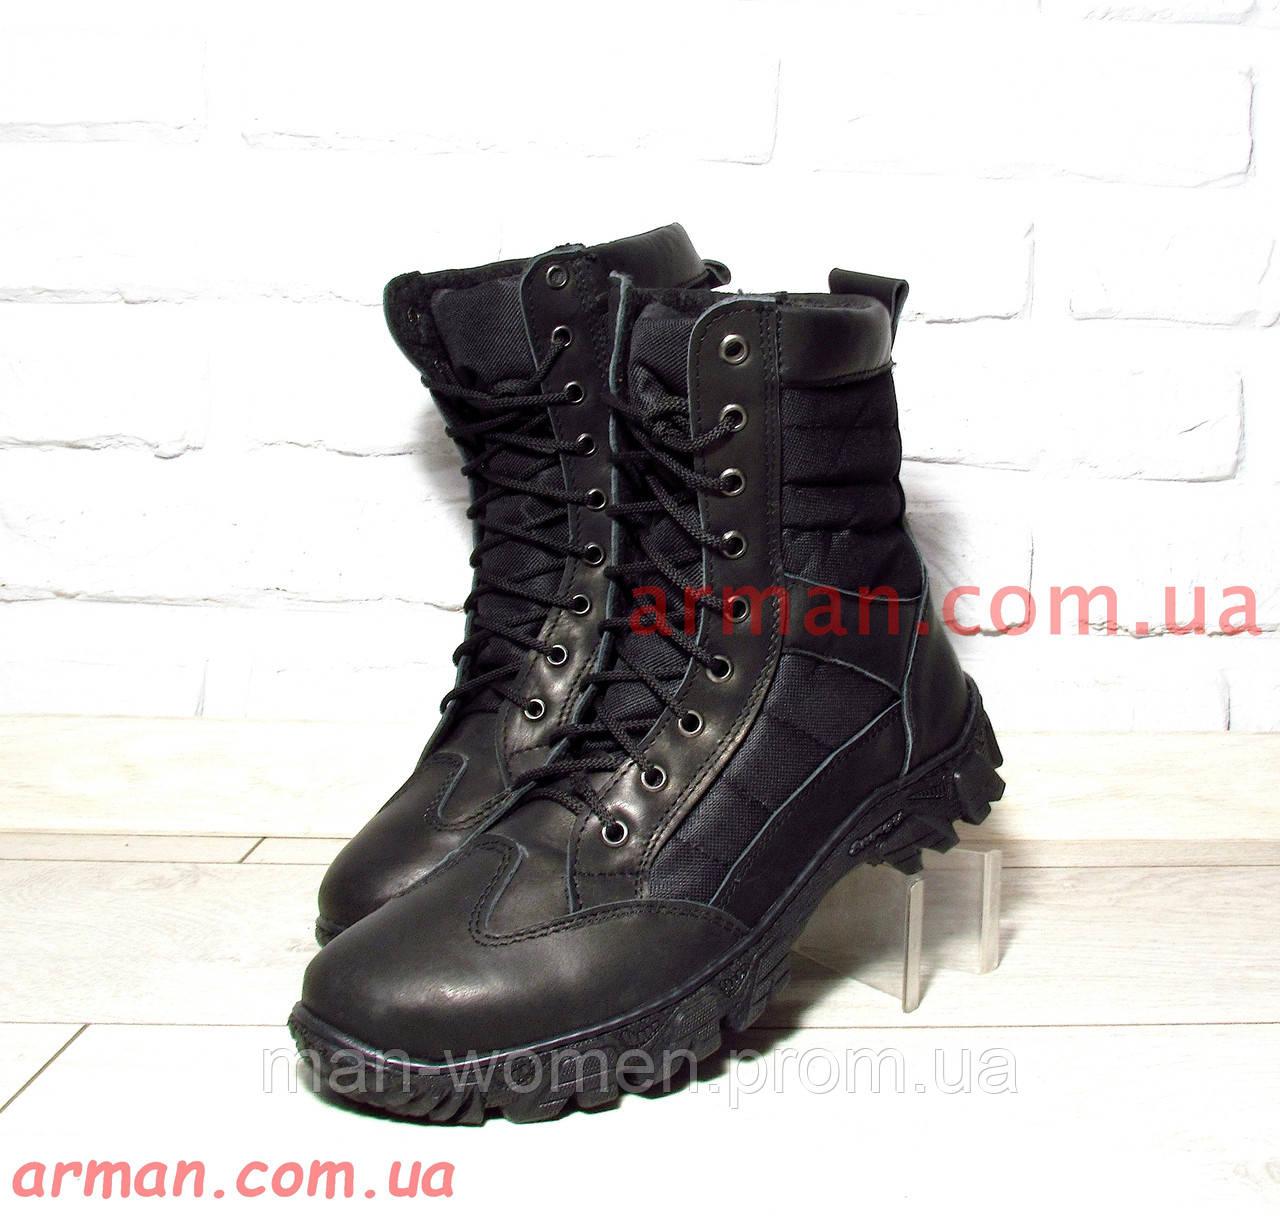 Армейские ботинки, берцы, качество! Натуральная кожа. Размеры 40-45.